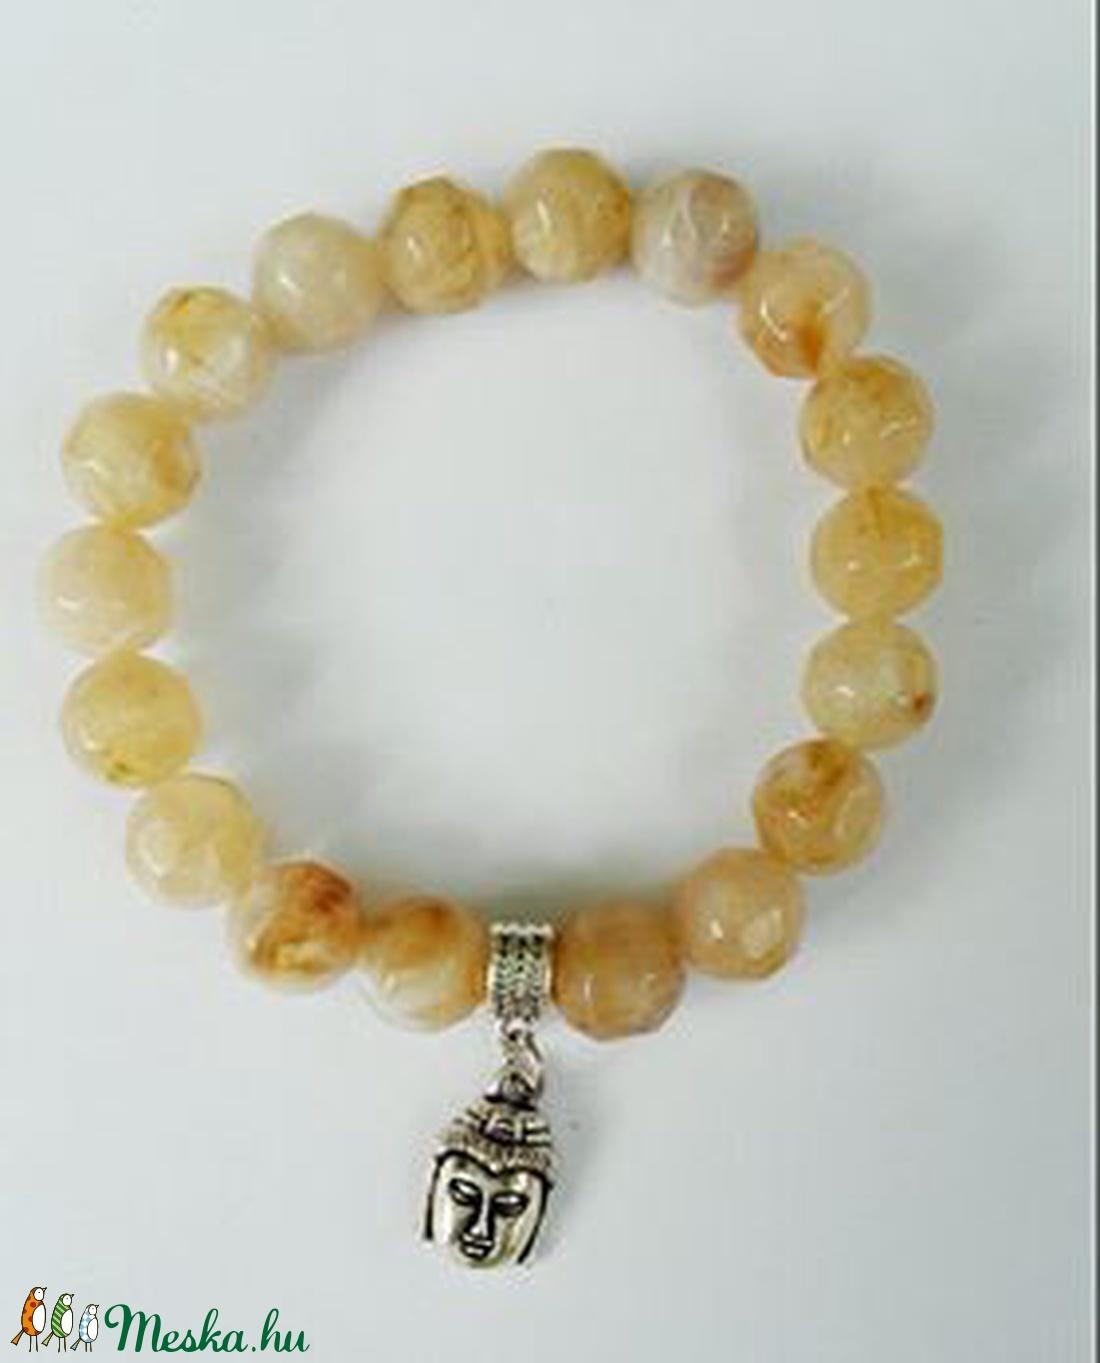 Csukló mala, szintetikus citrin (10 mm) gyöngyökkel, ezüstszínű buddhafej kezdő szemmel, 17 cm, gumis. (oldjeansgarboo) - Meska.hu